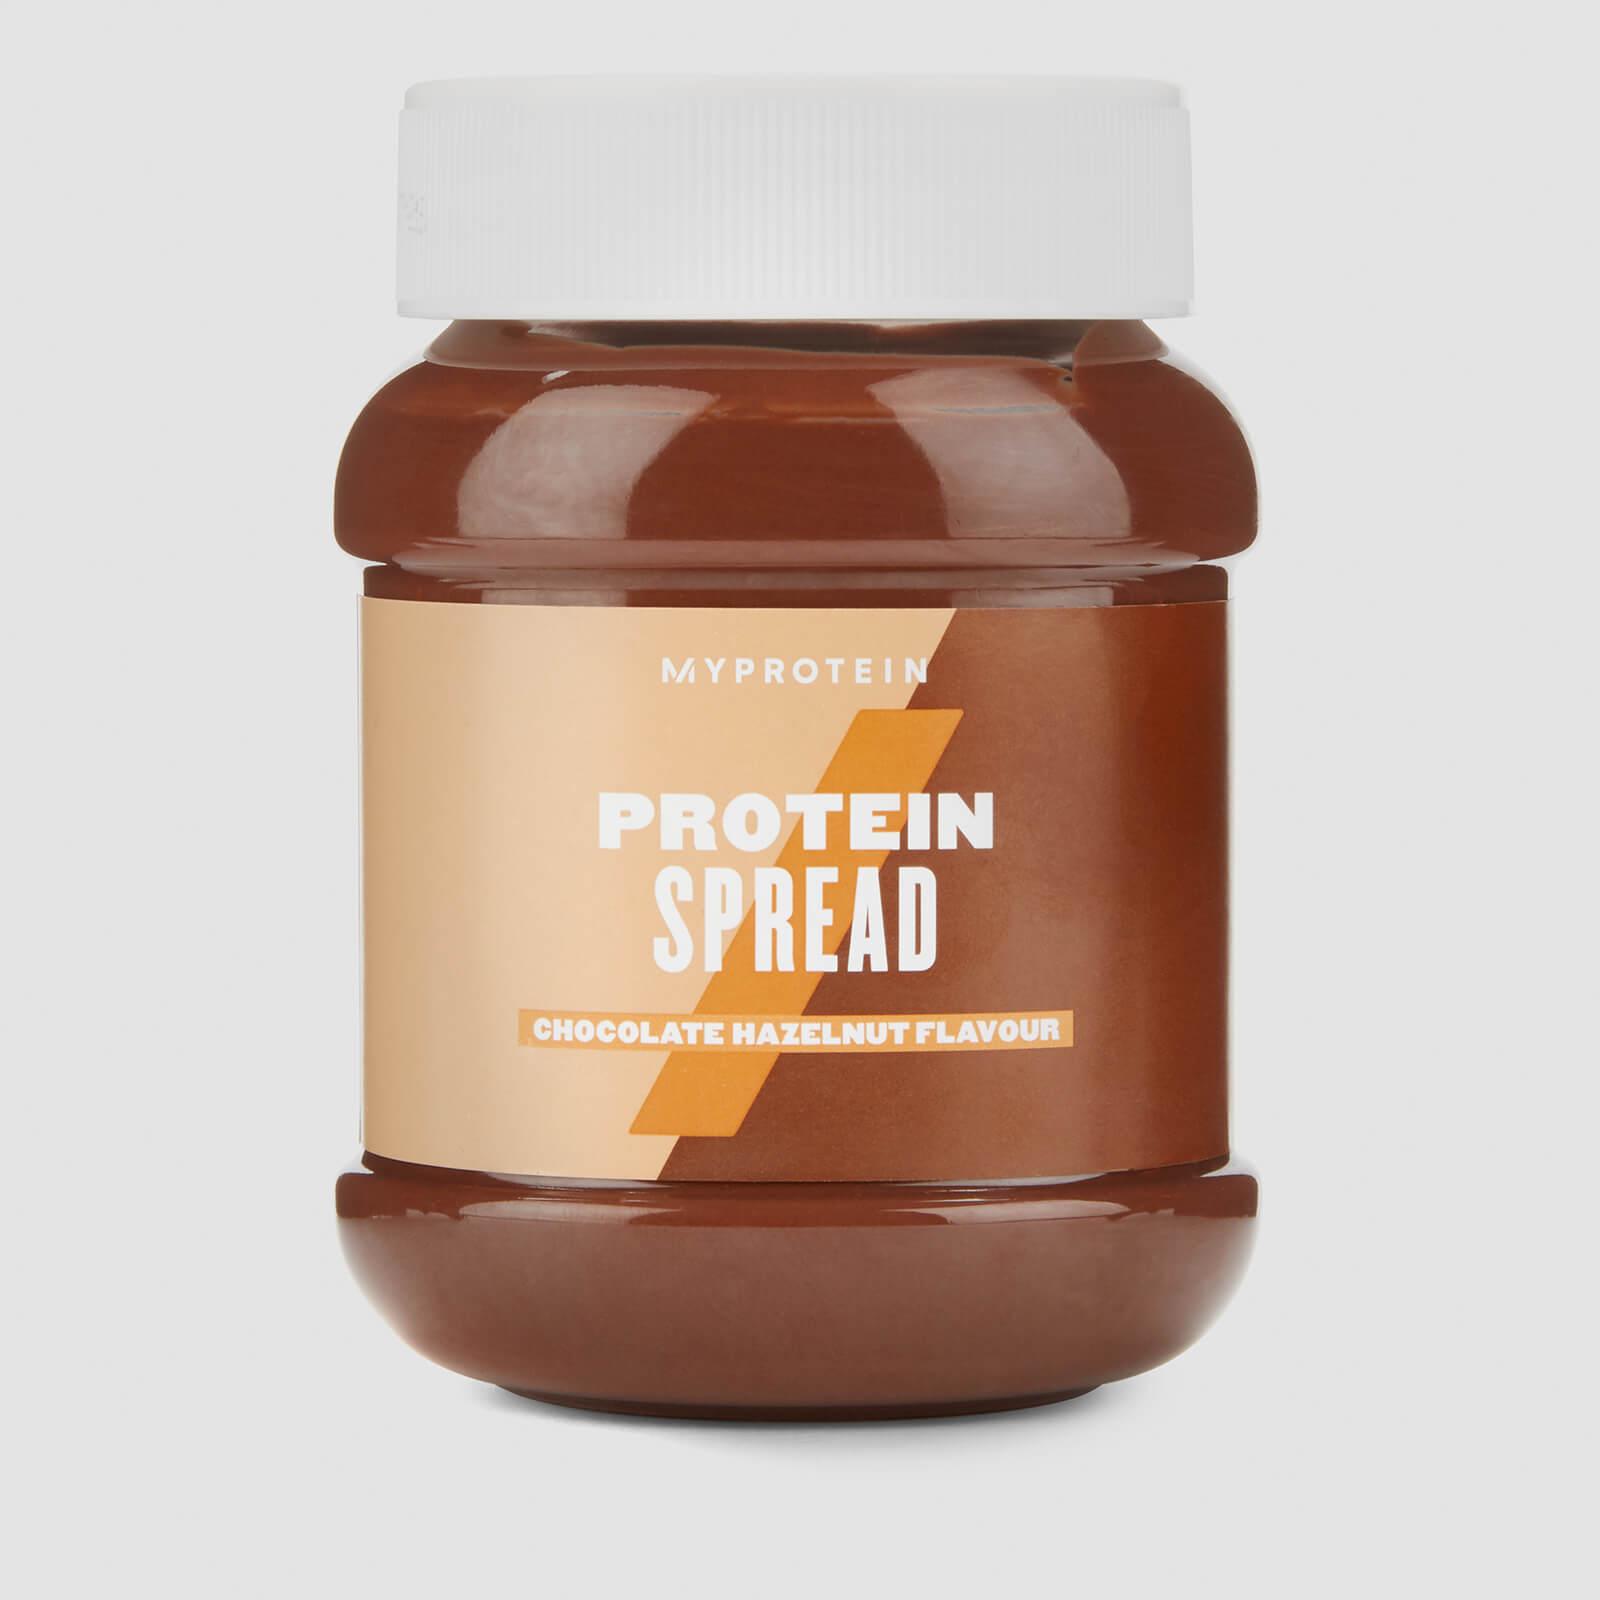 Myprotein Pâte à tartiner protéinée - 360g - Chocolat aux noisettes